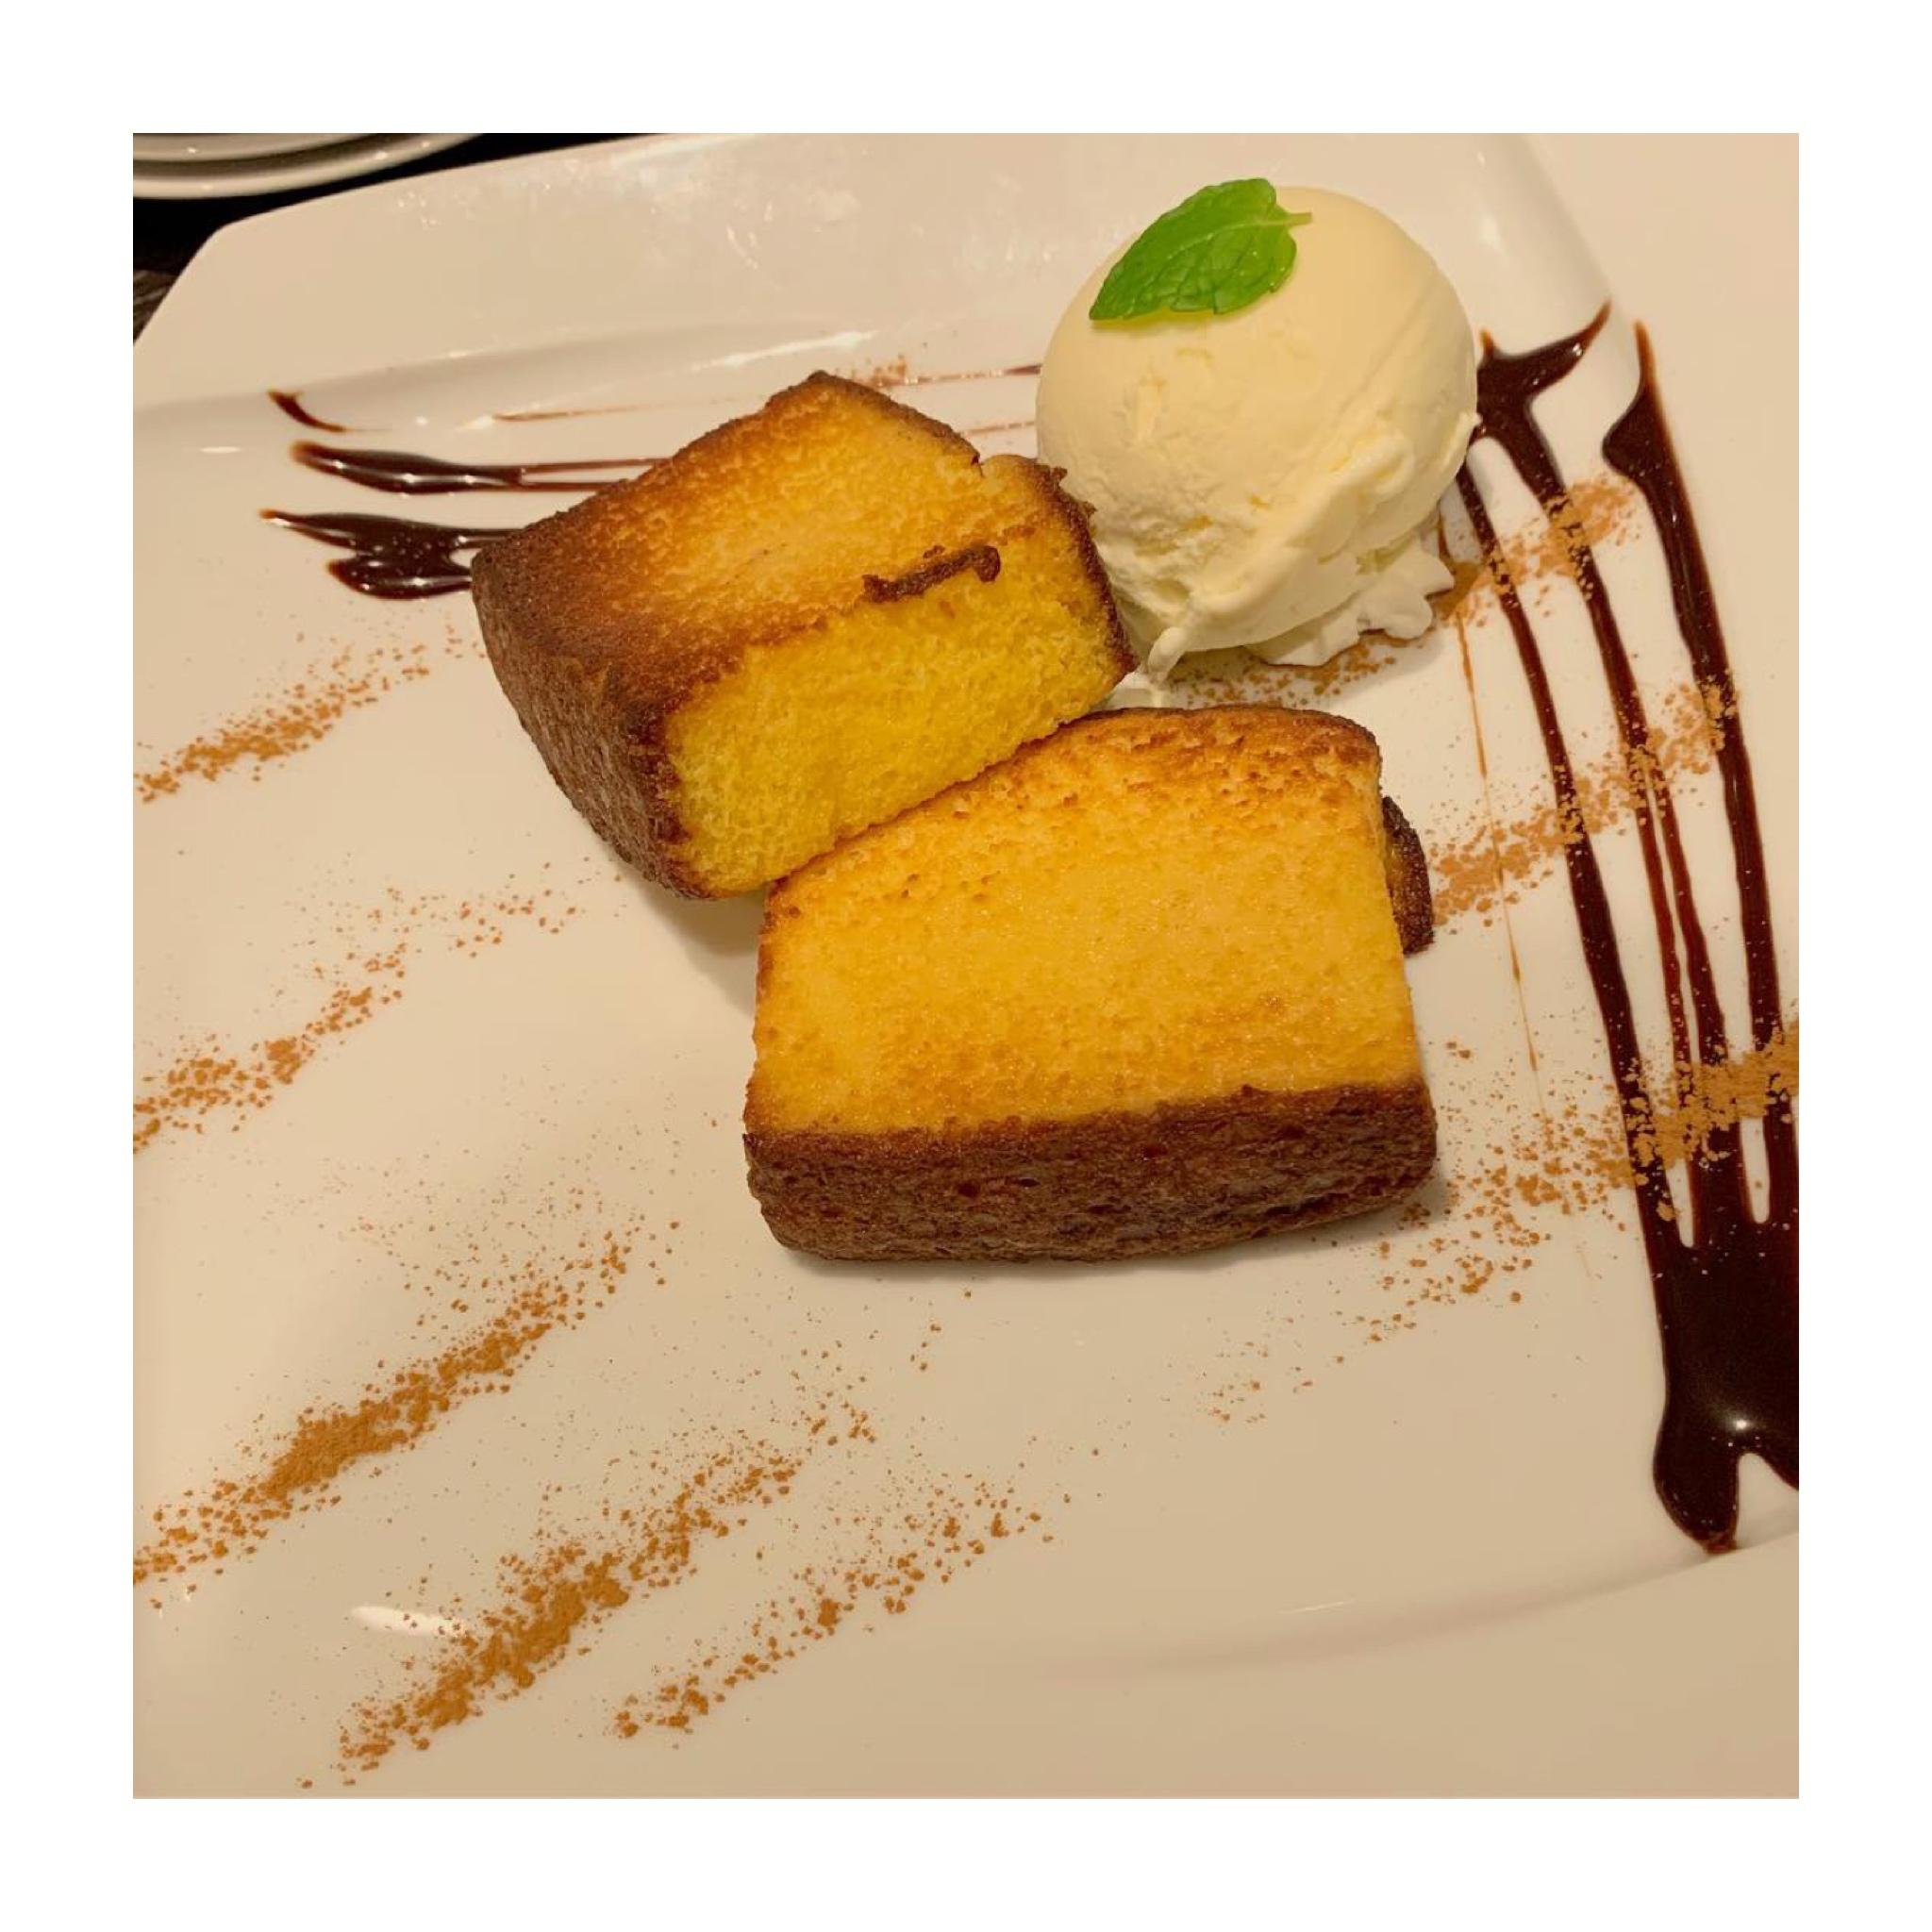 《ご当地MORE★東京》あのカステラで有名な【文明堂カフェ】のパンケーキが絶品なんです✌︎❤️_4